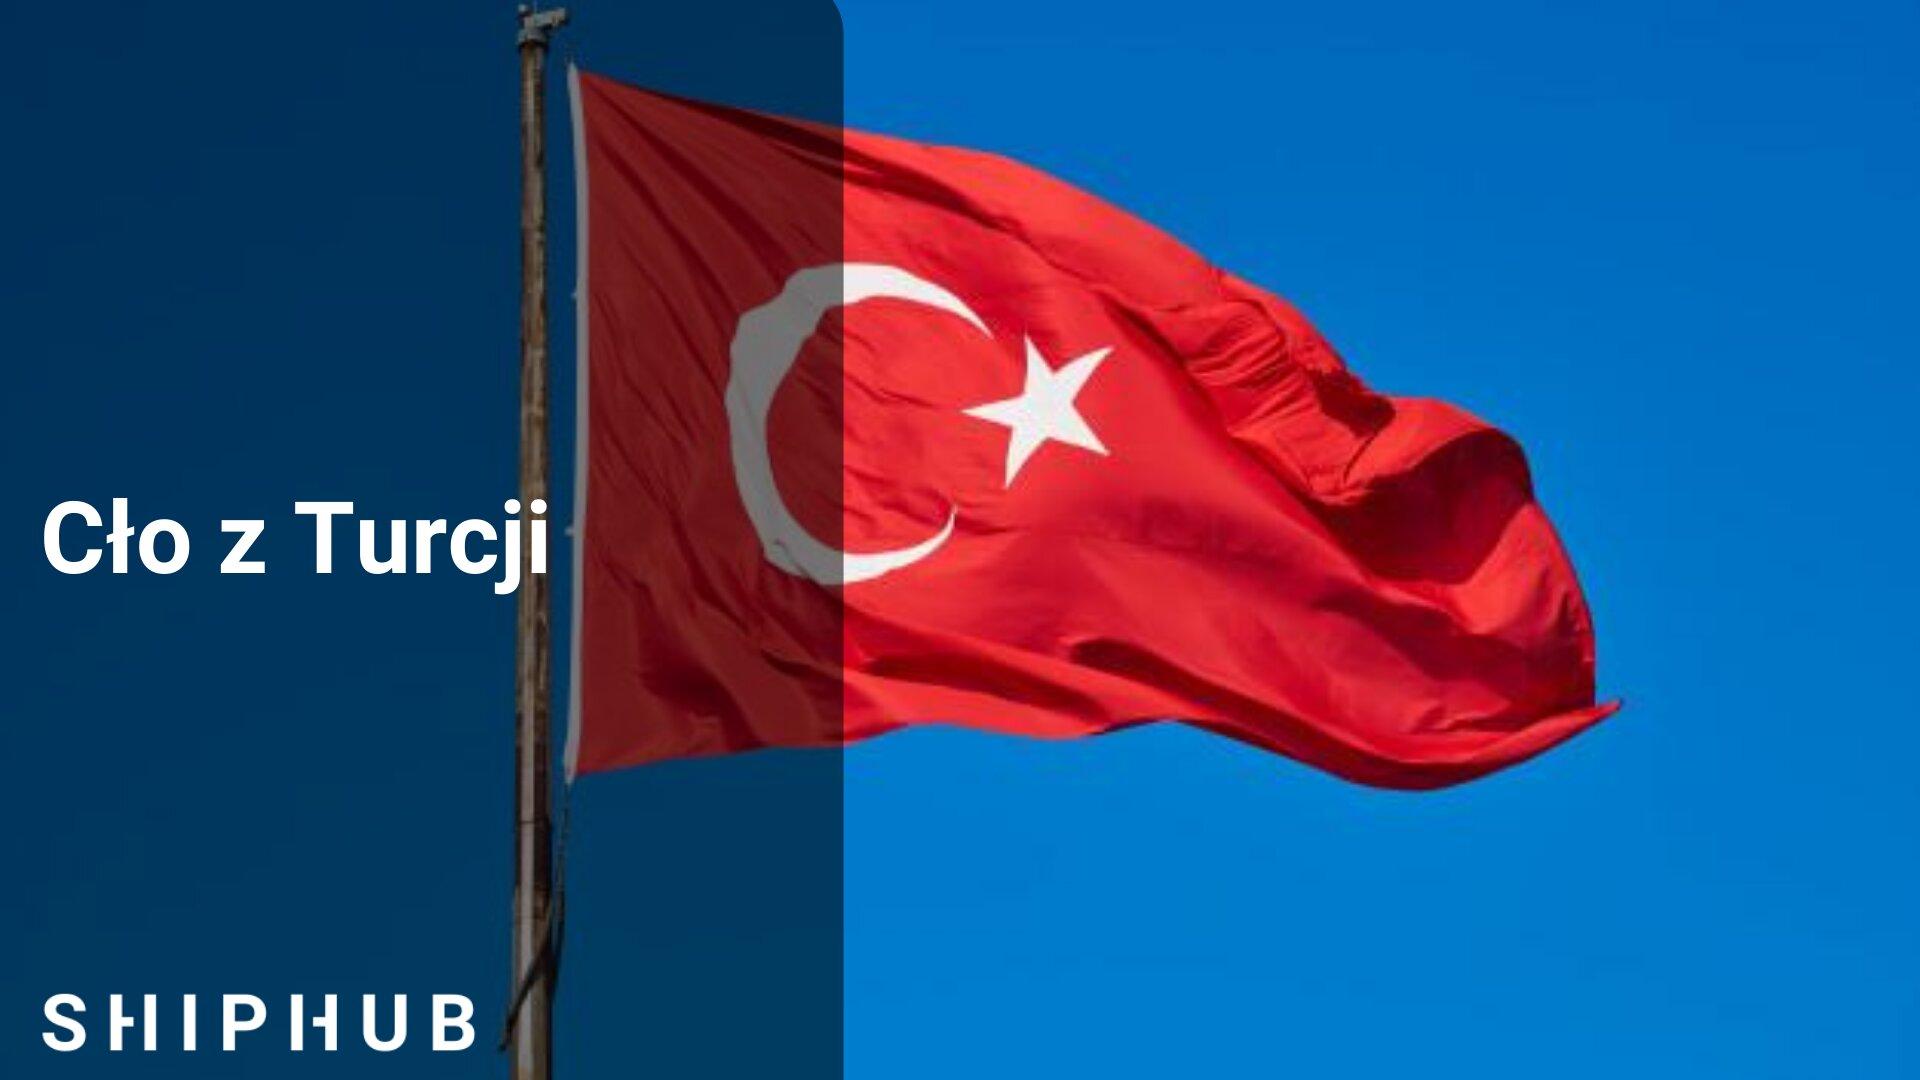 Cło z Turcji